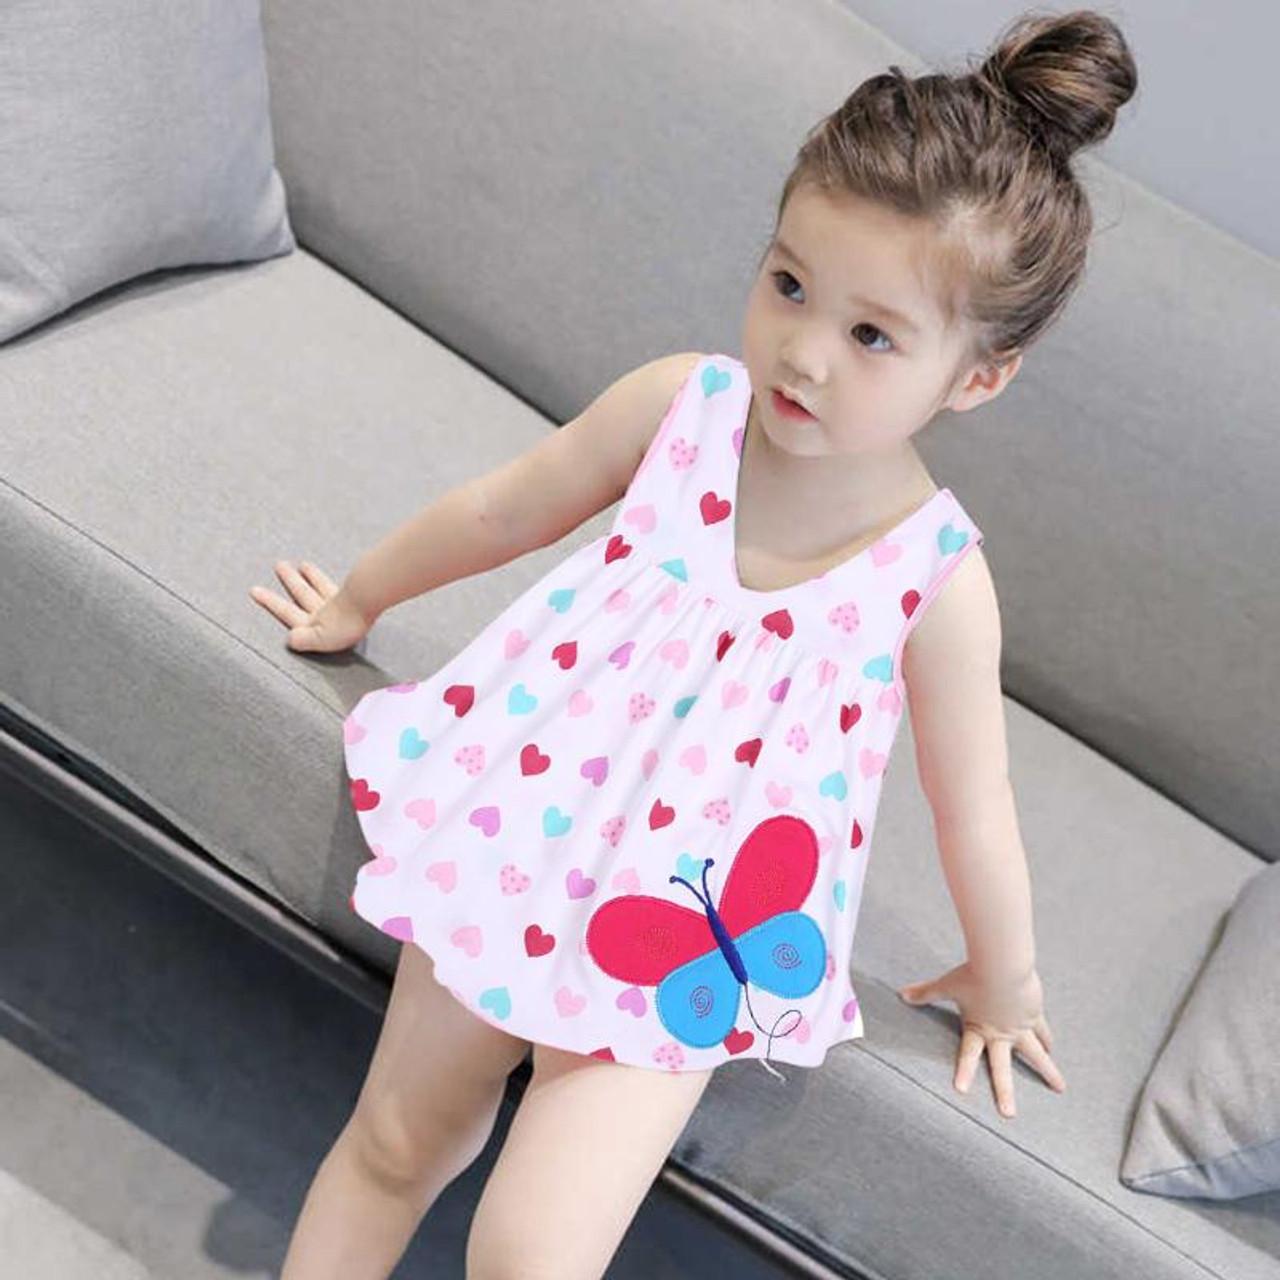 المغمورة زعنفة خرافة girl baby fashion dress